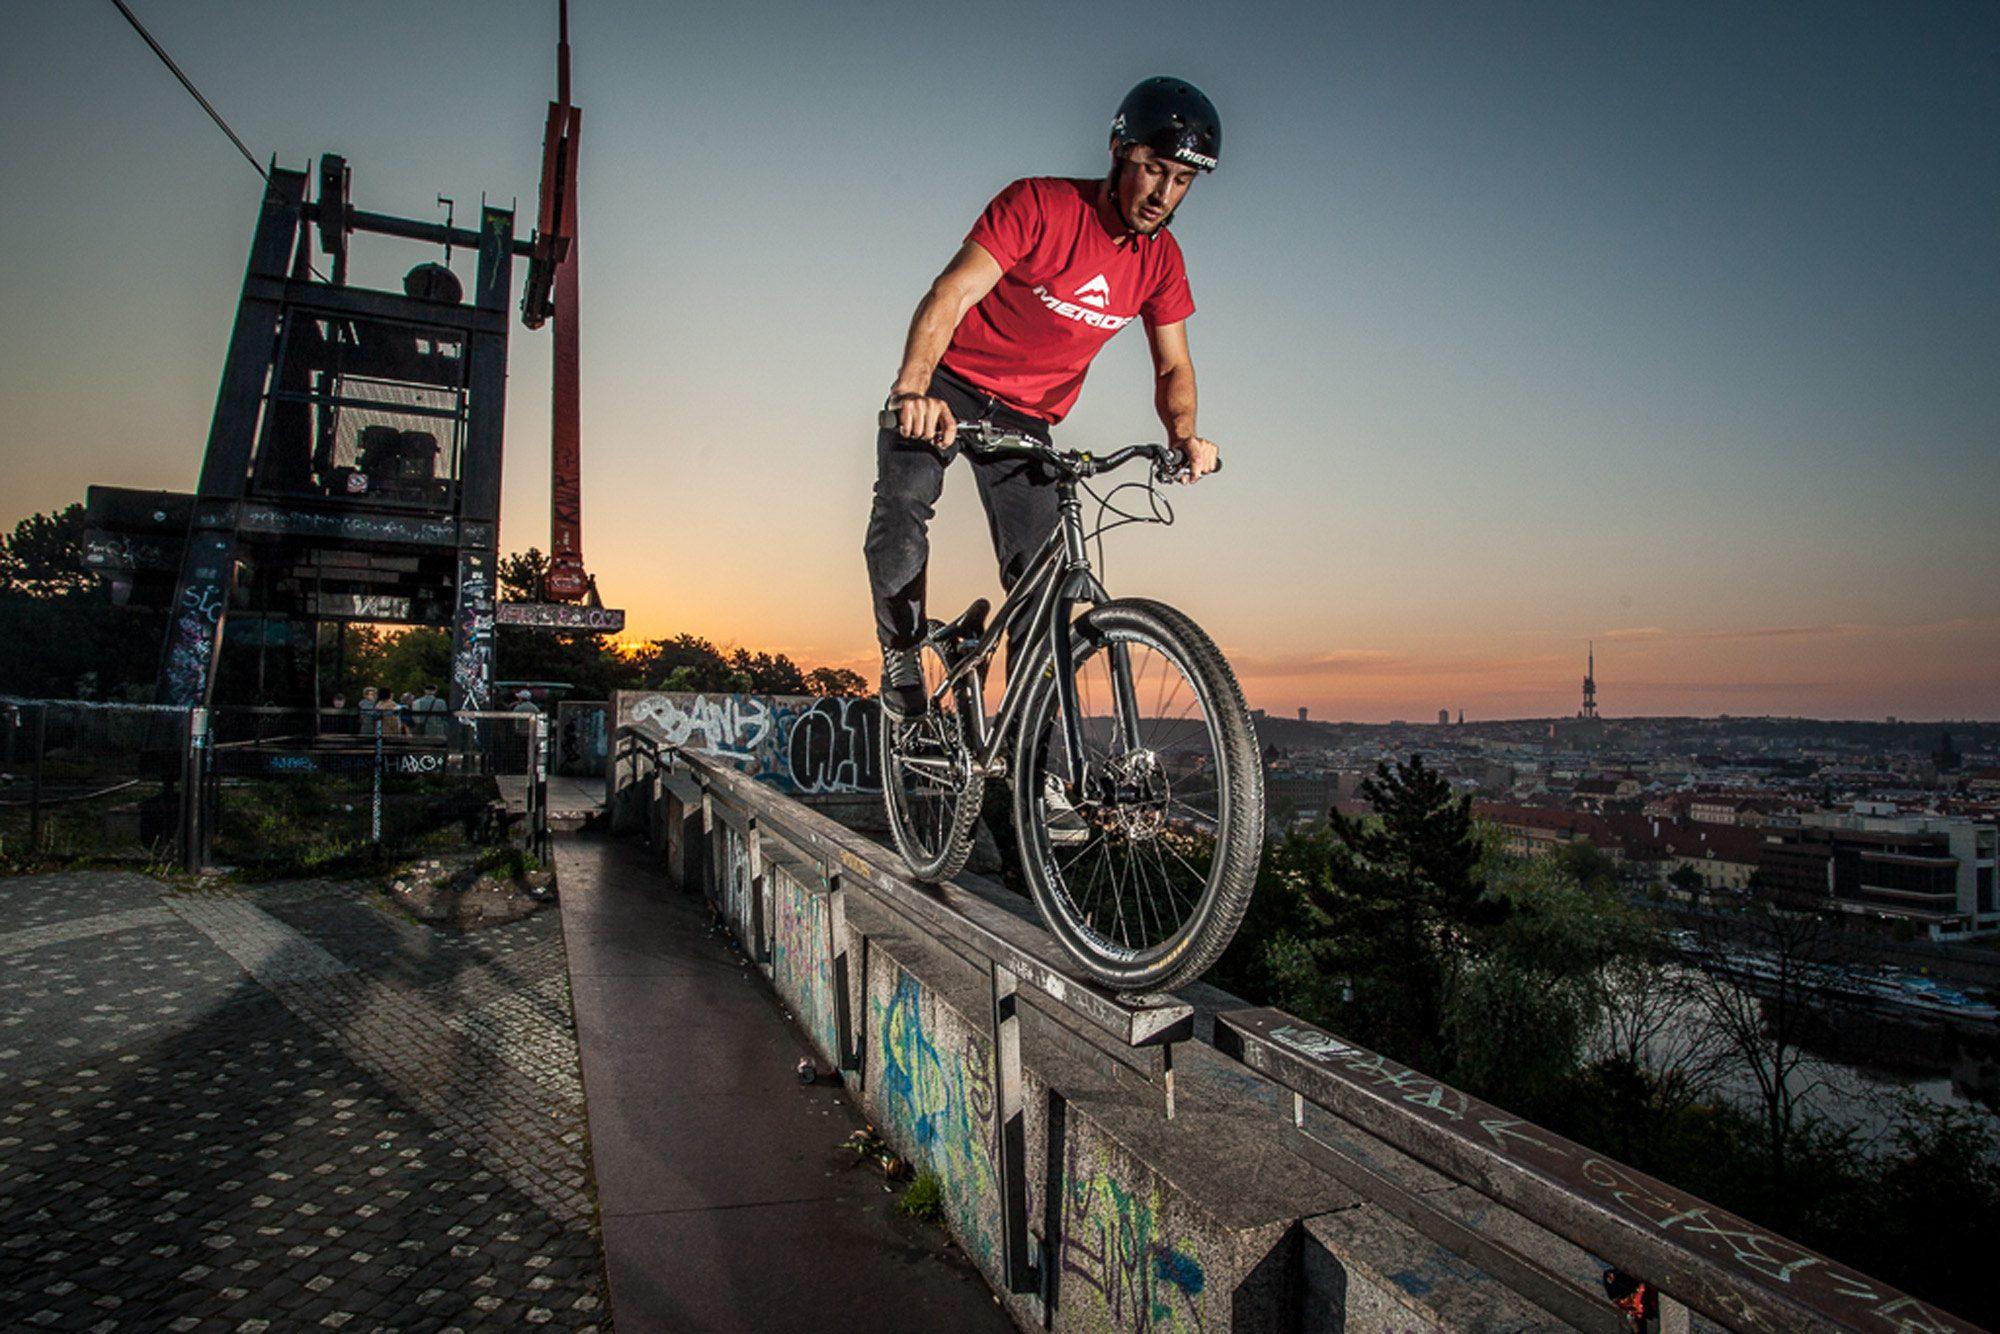 Dominik fährt auf einem Rail in Prag